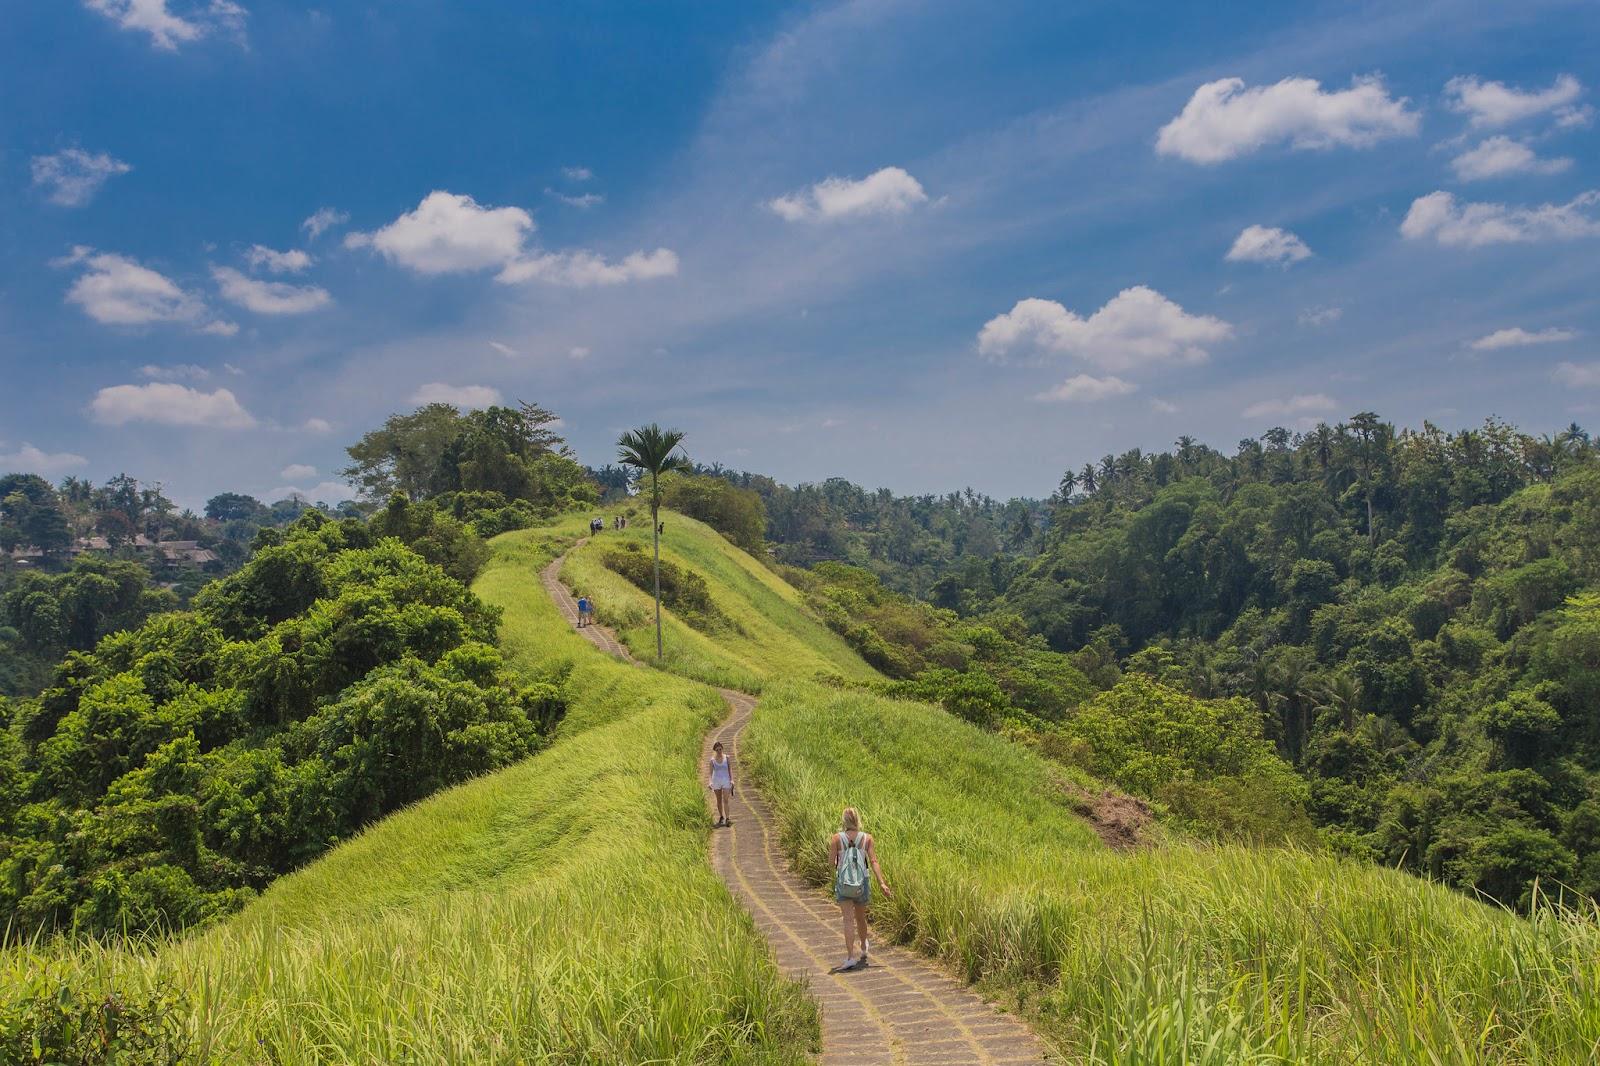 عروسان يتمشان خلال منحدرات حقول الأرز